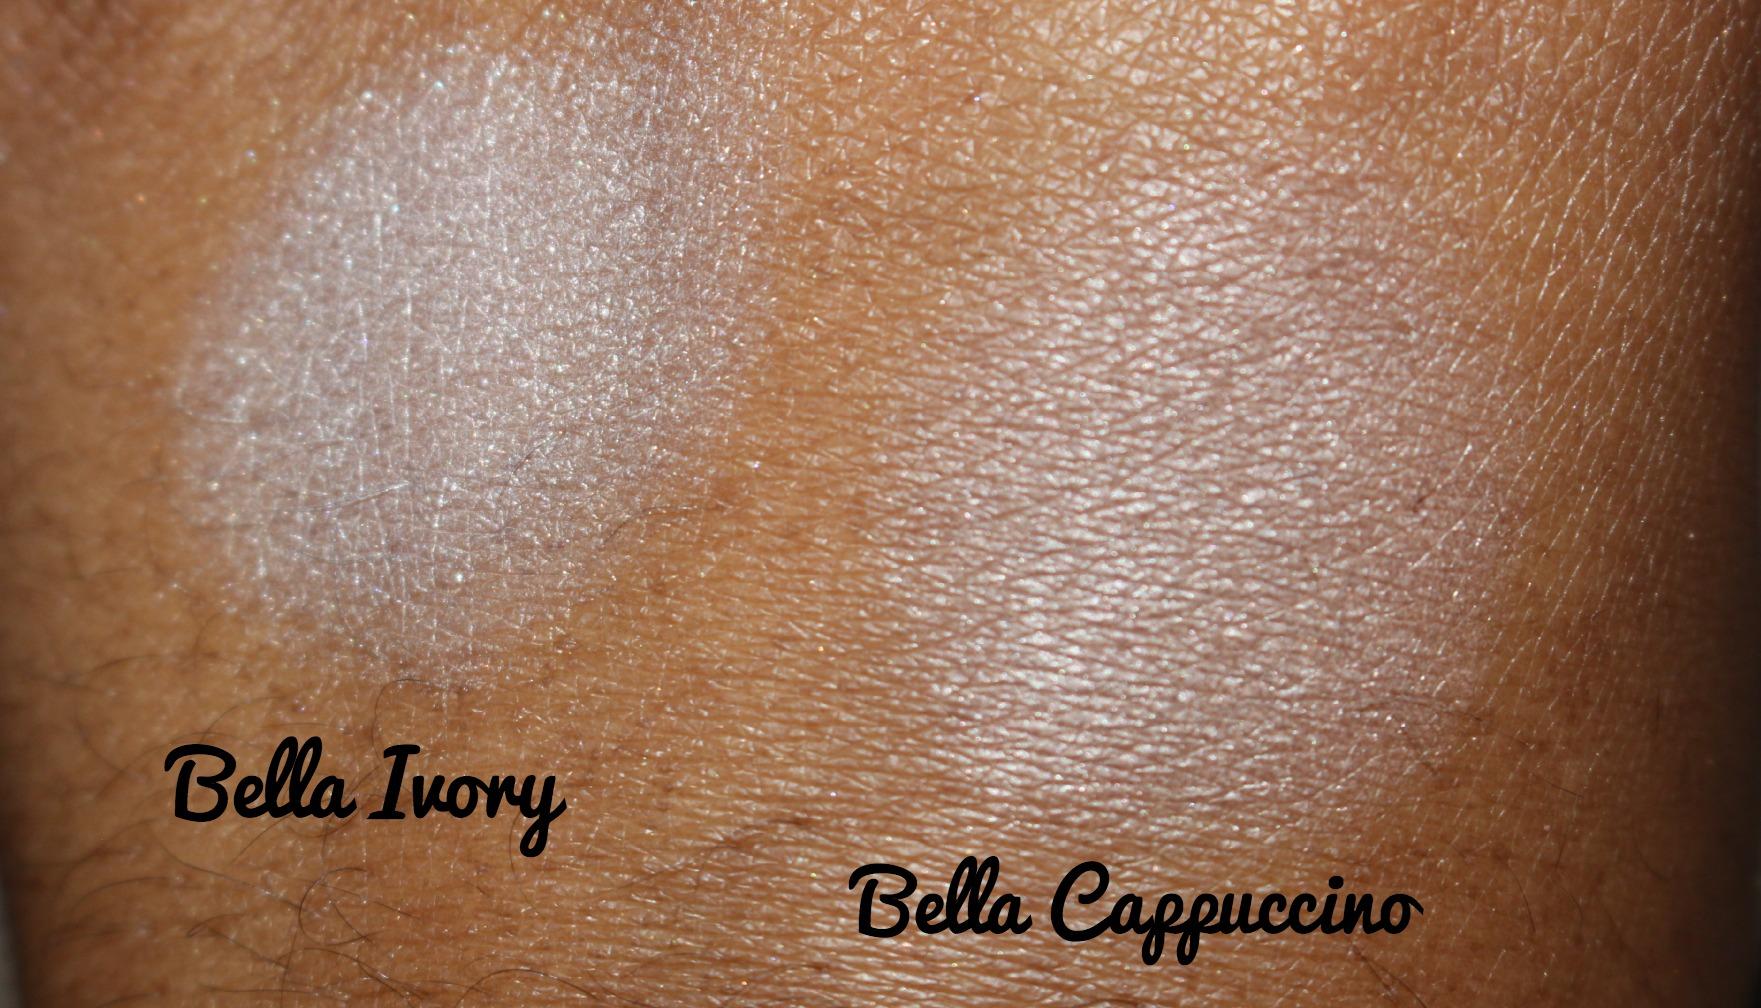 ff8490b67056f ... Milani Cosmetics Bella Gel Powder Eyeshadows Swatches Bella Ivory and  Bella Cappuccino.jpg